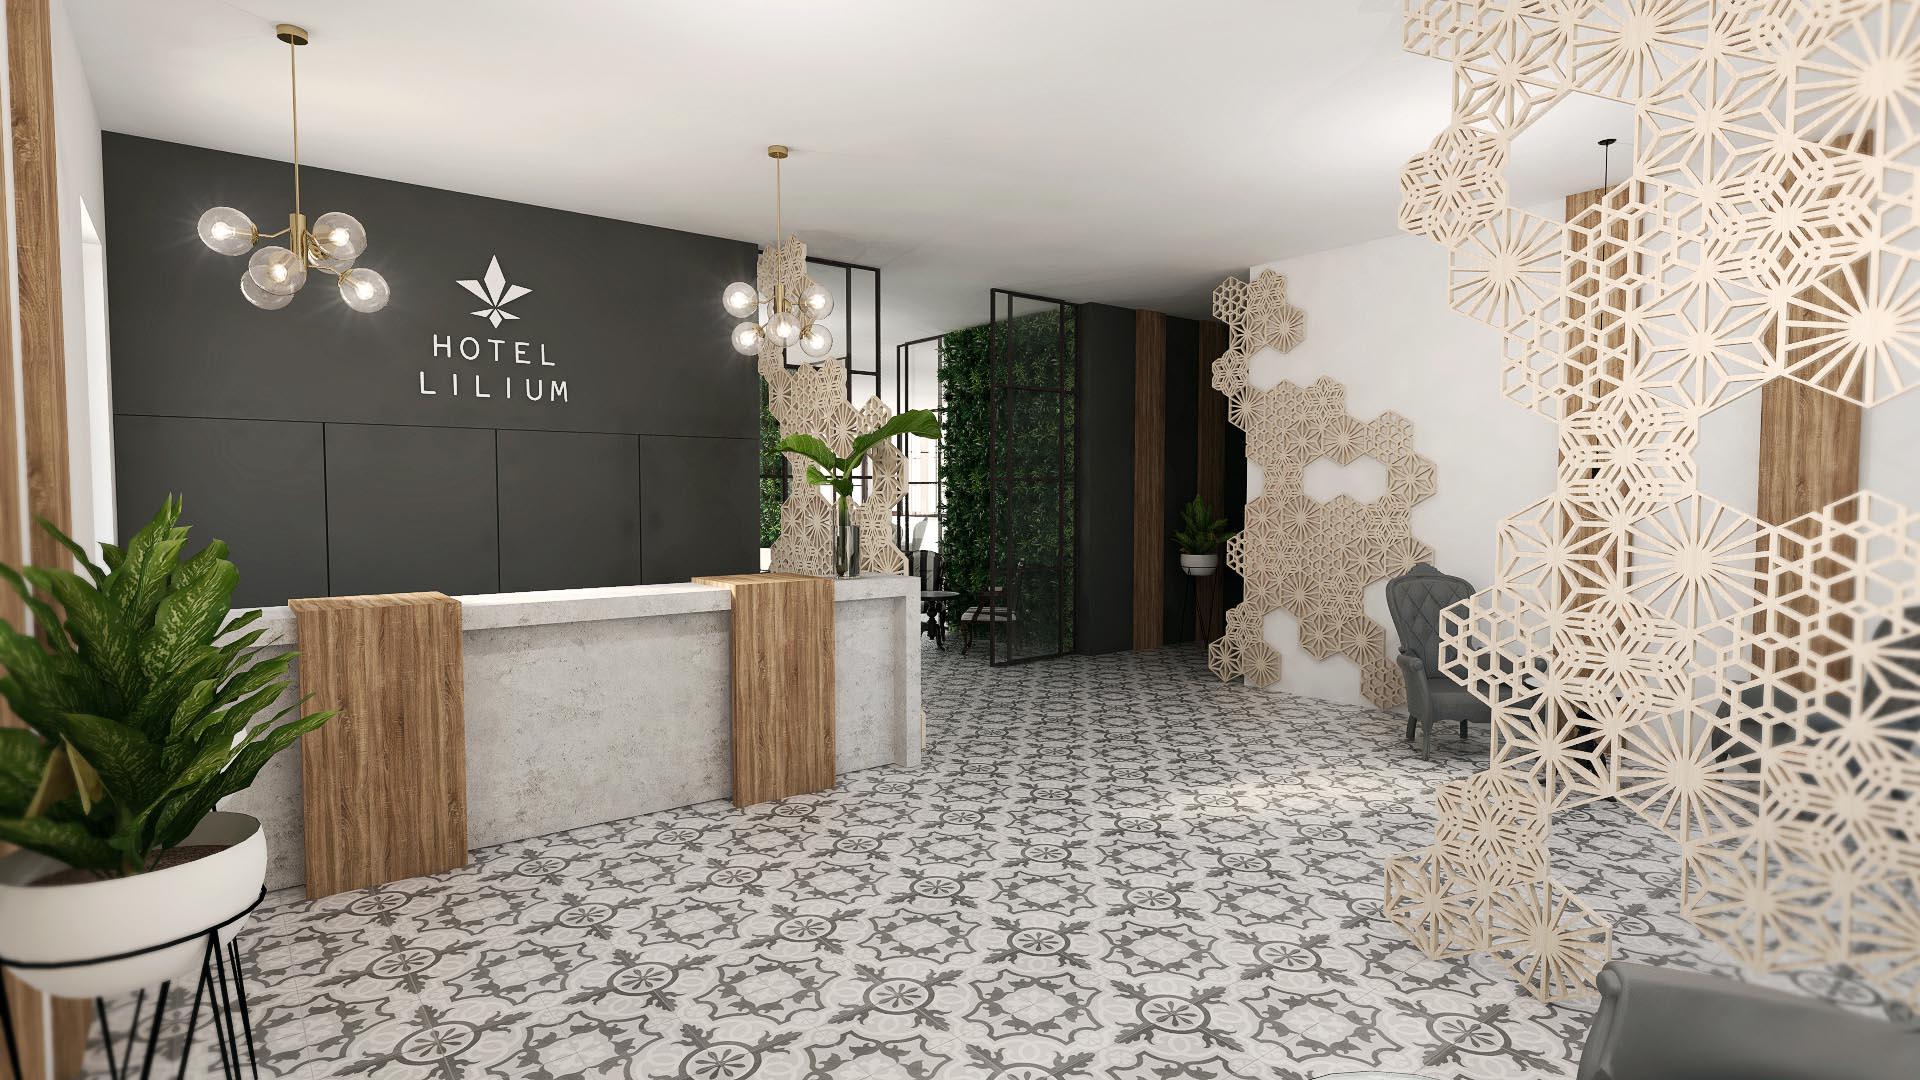 hotel lilium_3